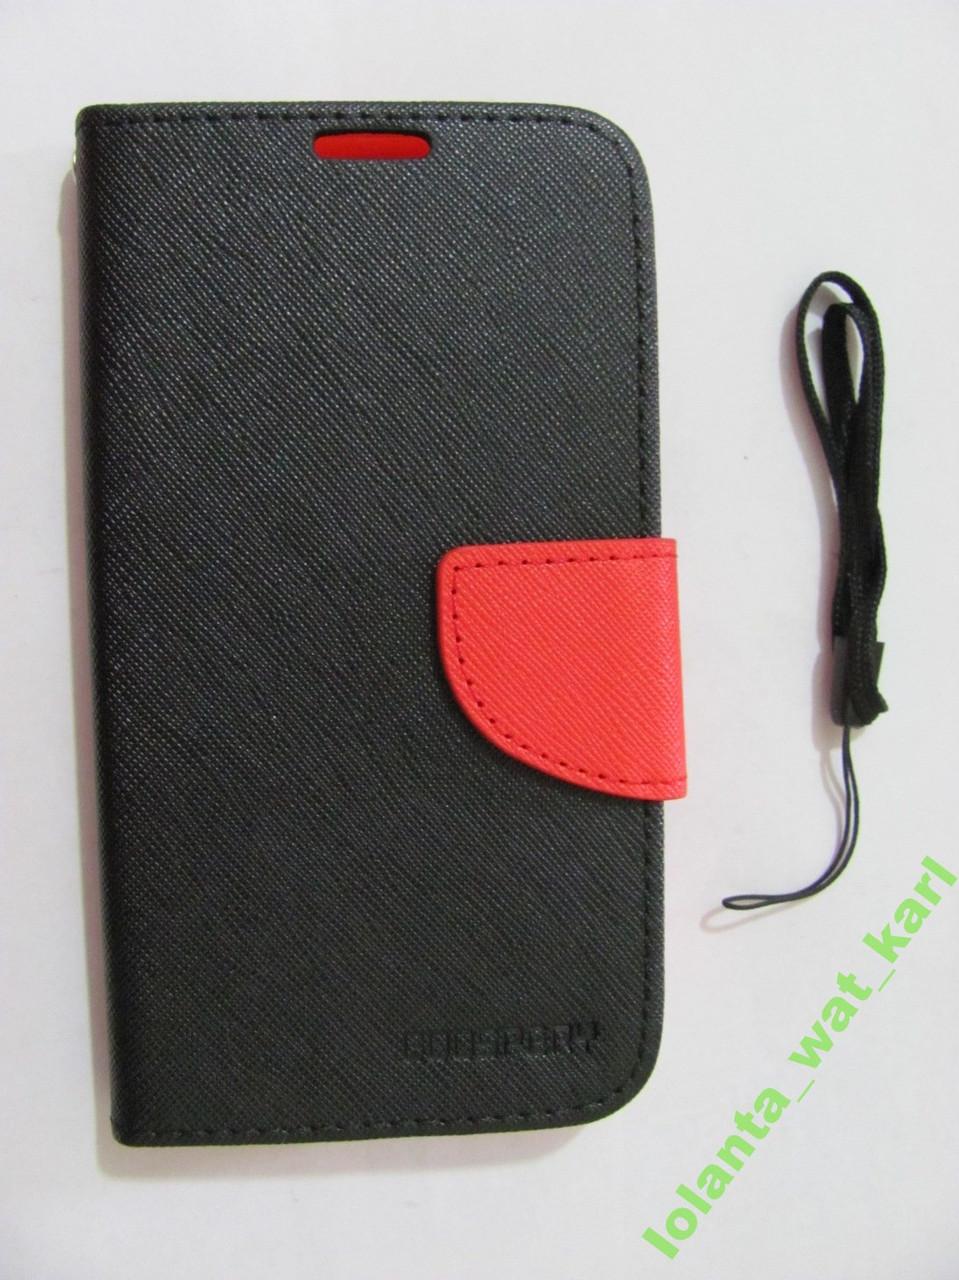 Мужской чехол-книга PU-кожа для Samsung Galaxy S4